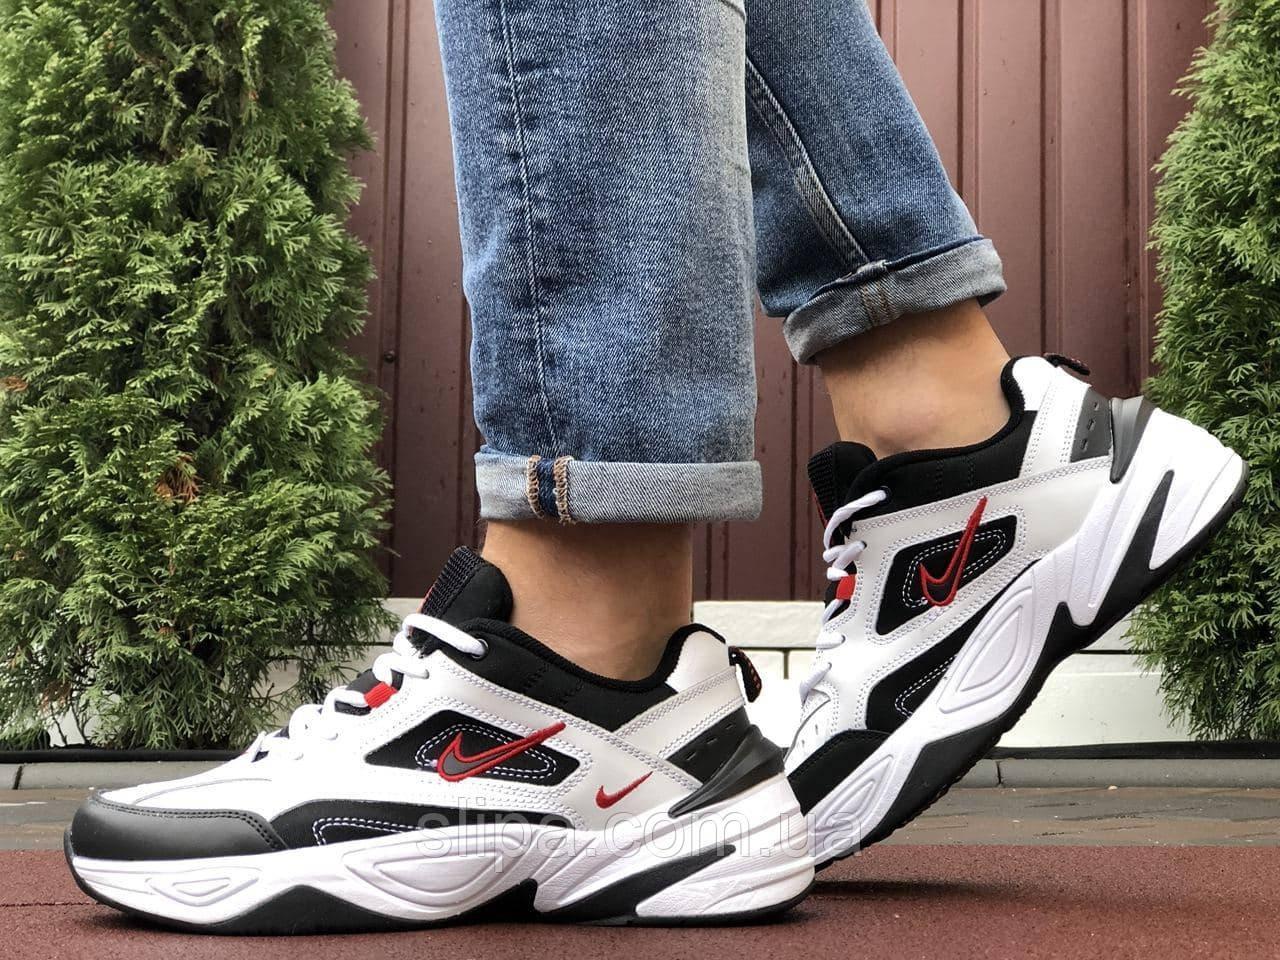 Чоловічі шкіряні кросівки Nike M2K Tekno білі з чорним (червоний логотип)